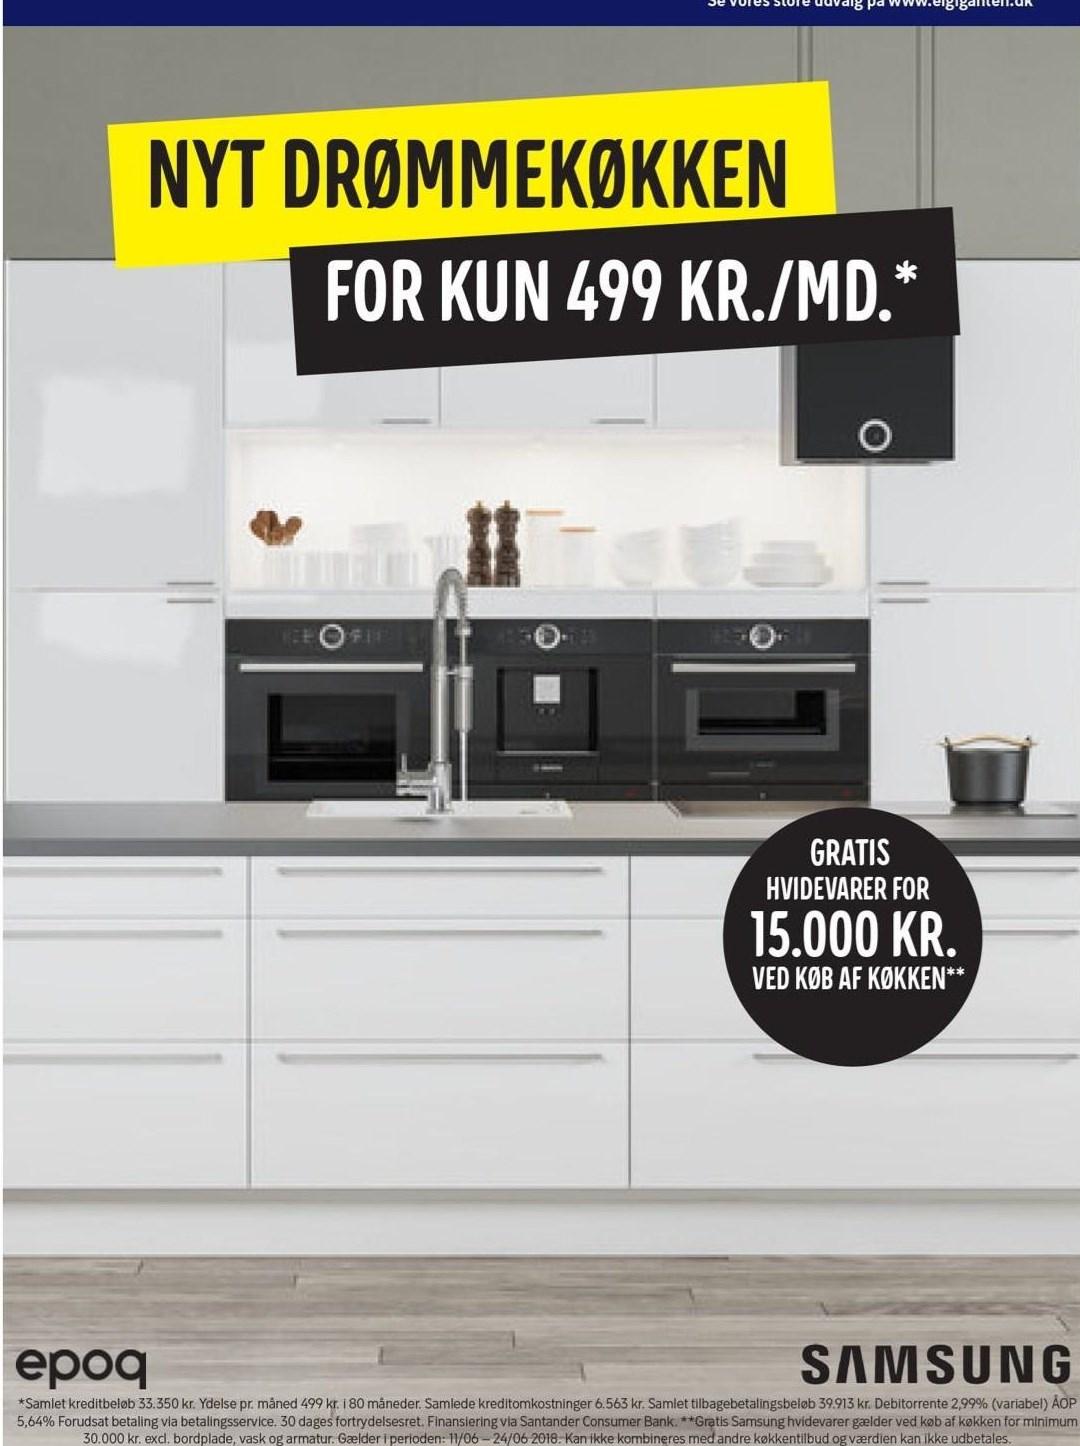 Komplet køkken kr./md.